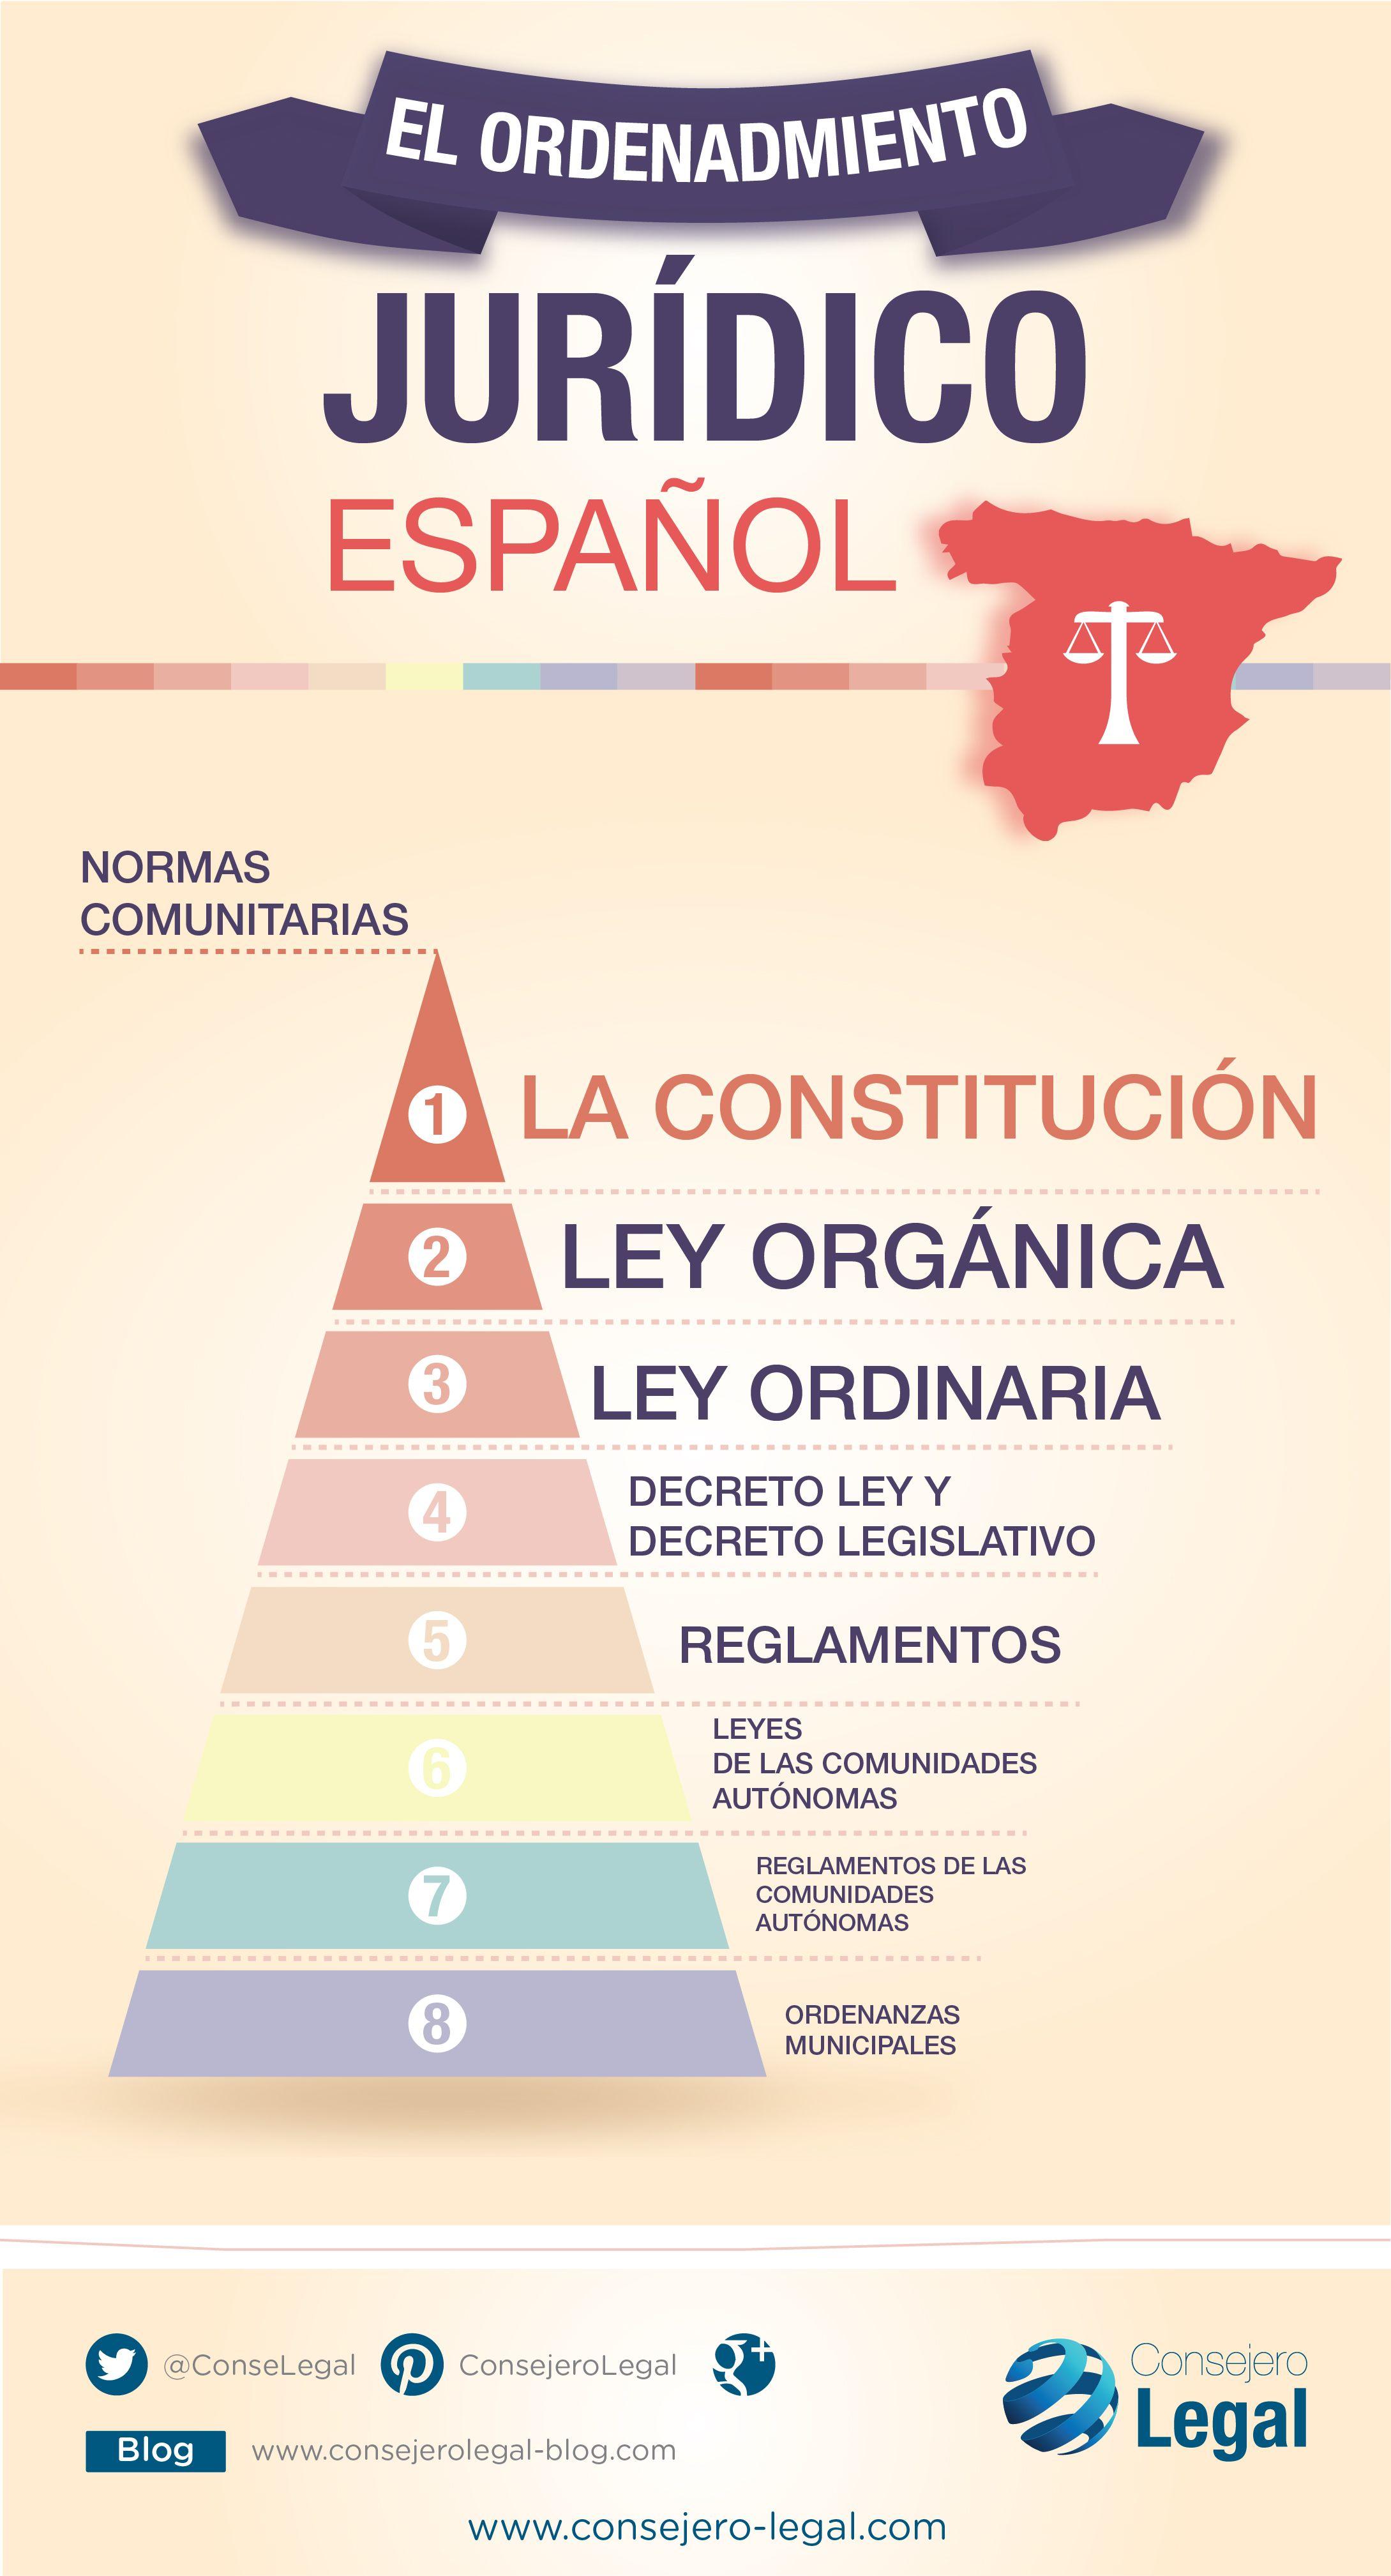 El ordenamiento jurídico Español